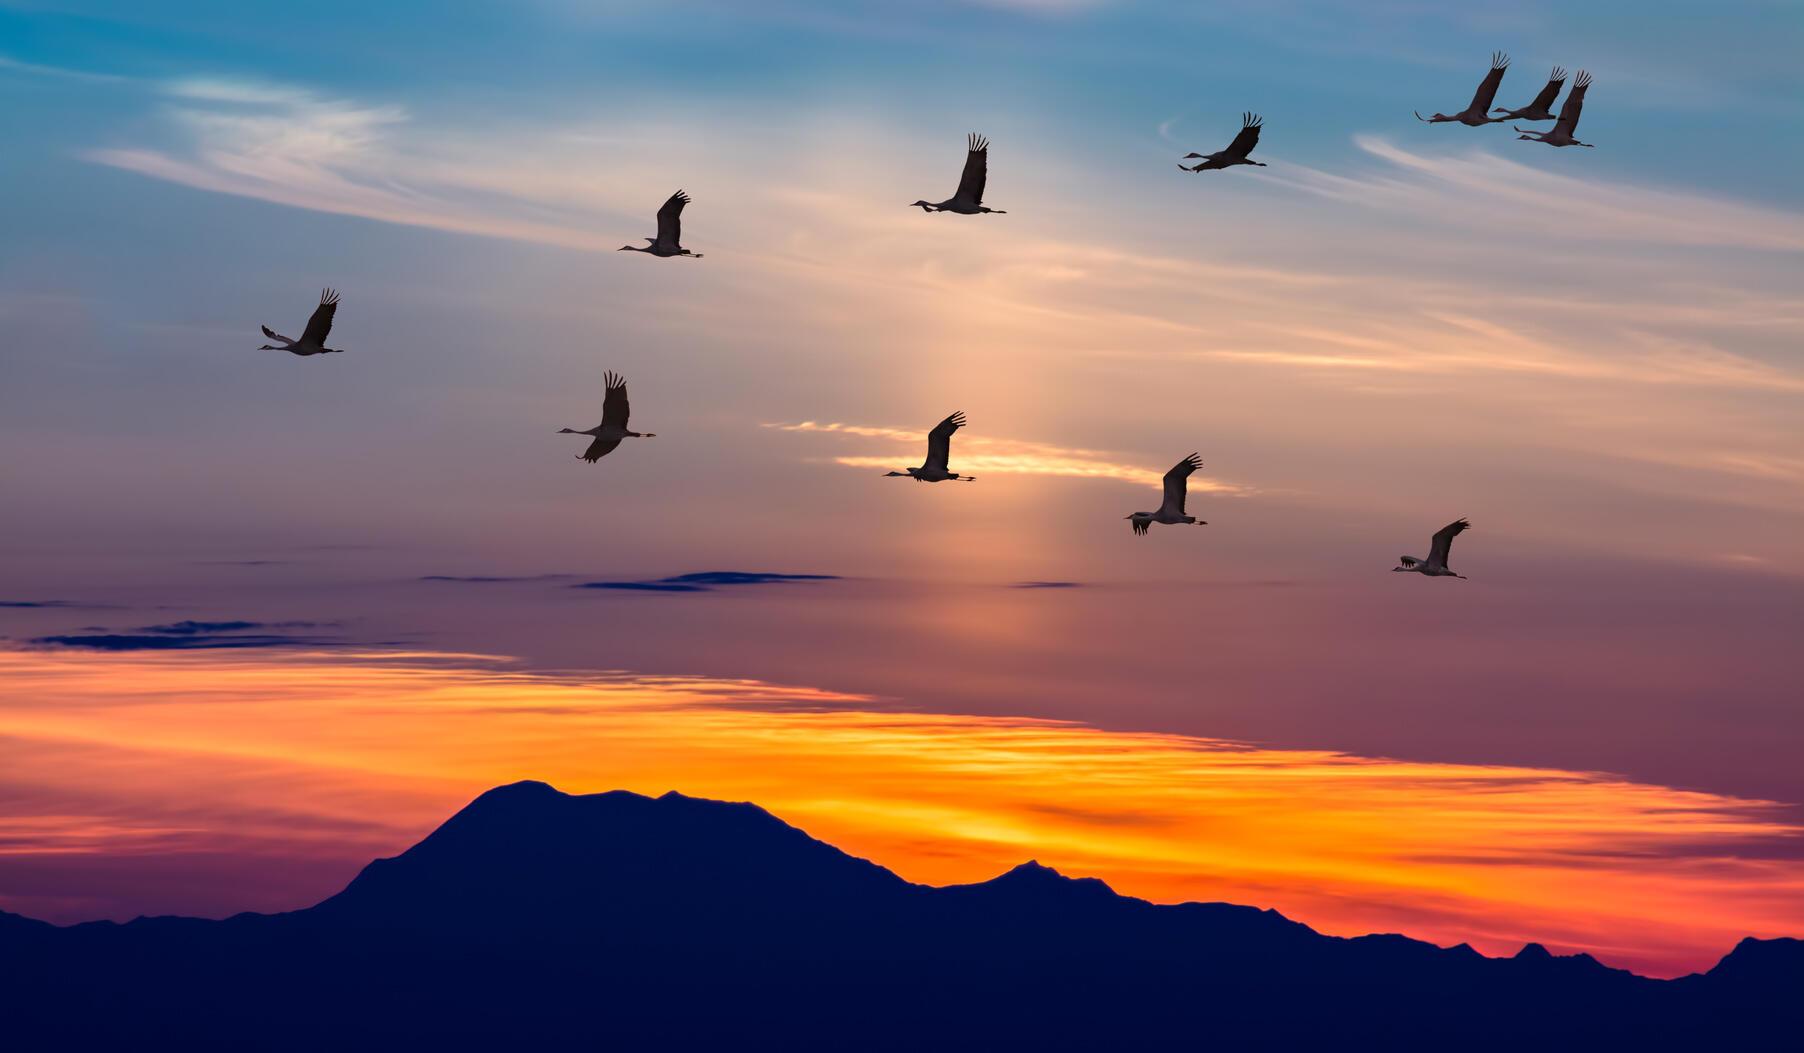 حماية الطيور المهاجرة ..القوانين ليست ترفاً !